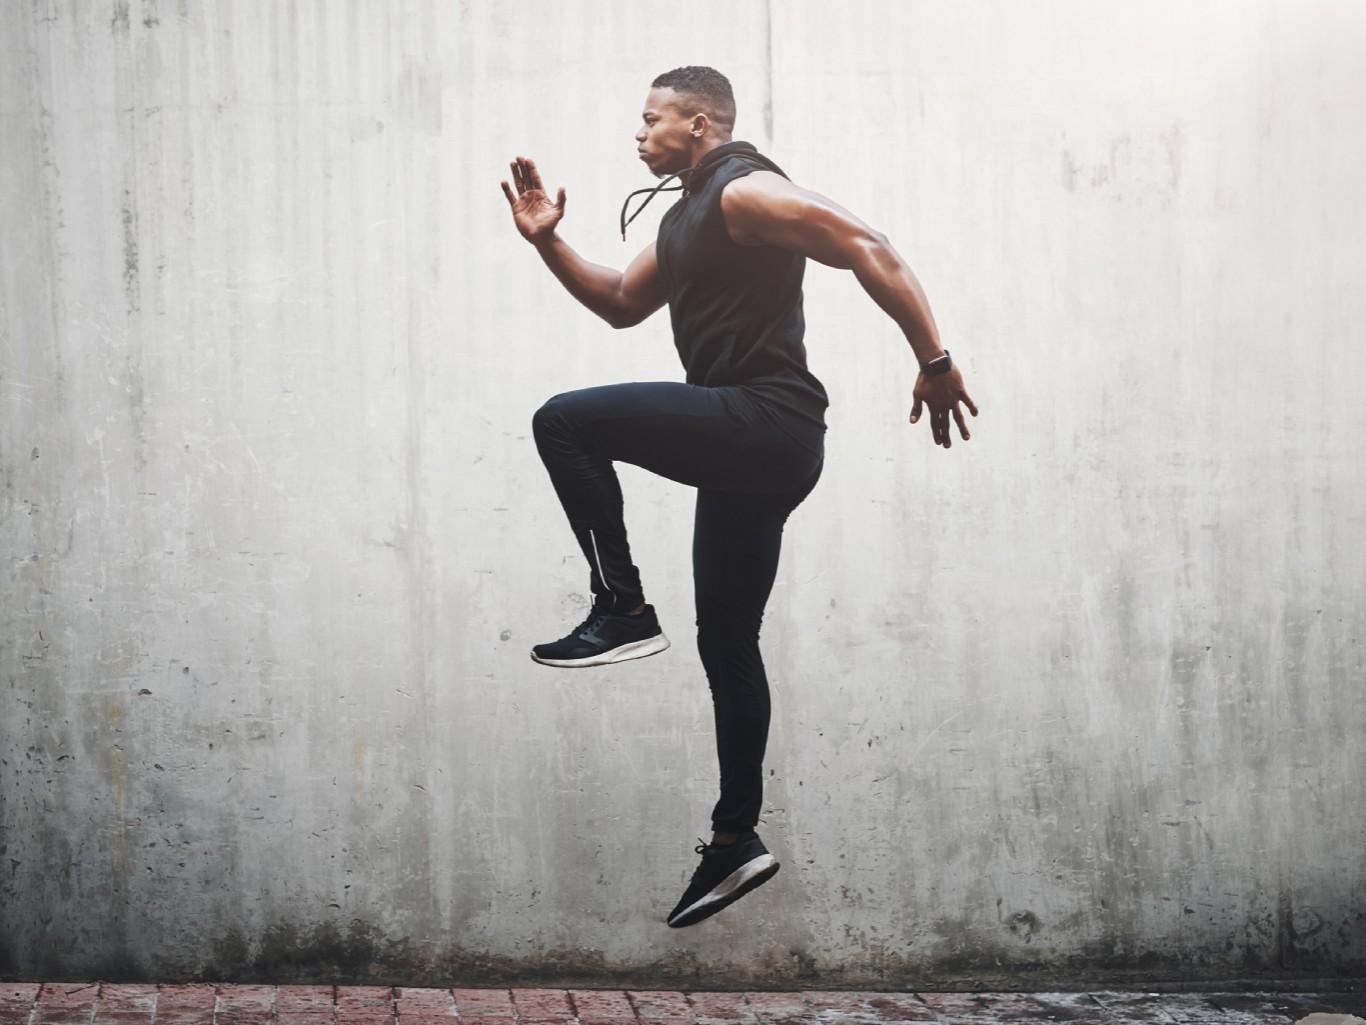 Разминка перед тренировкой в тренажерном зале: особенности и техники